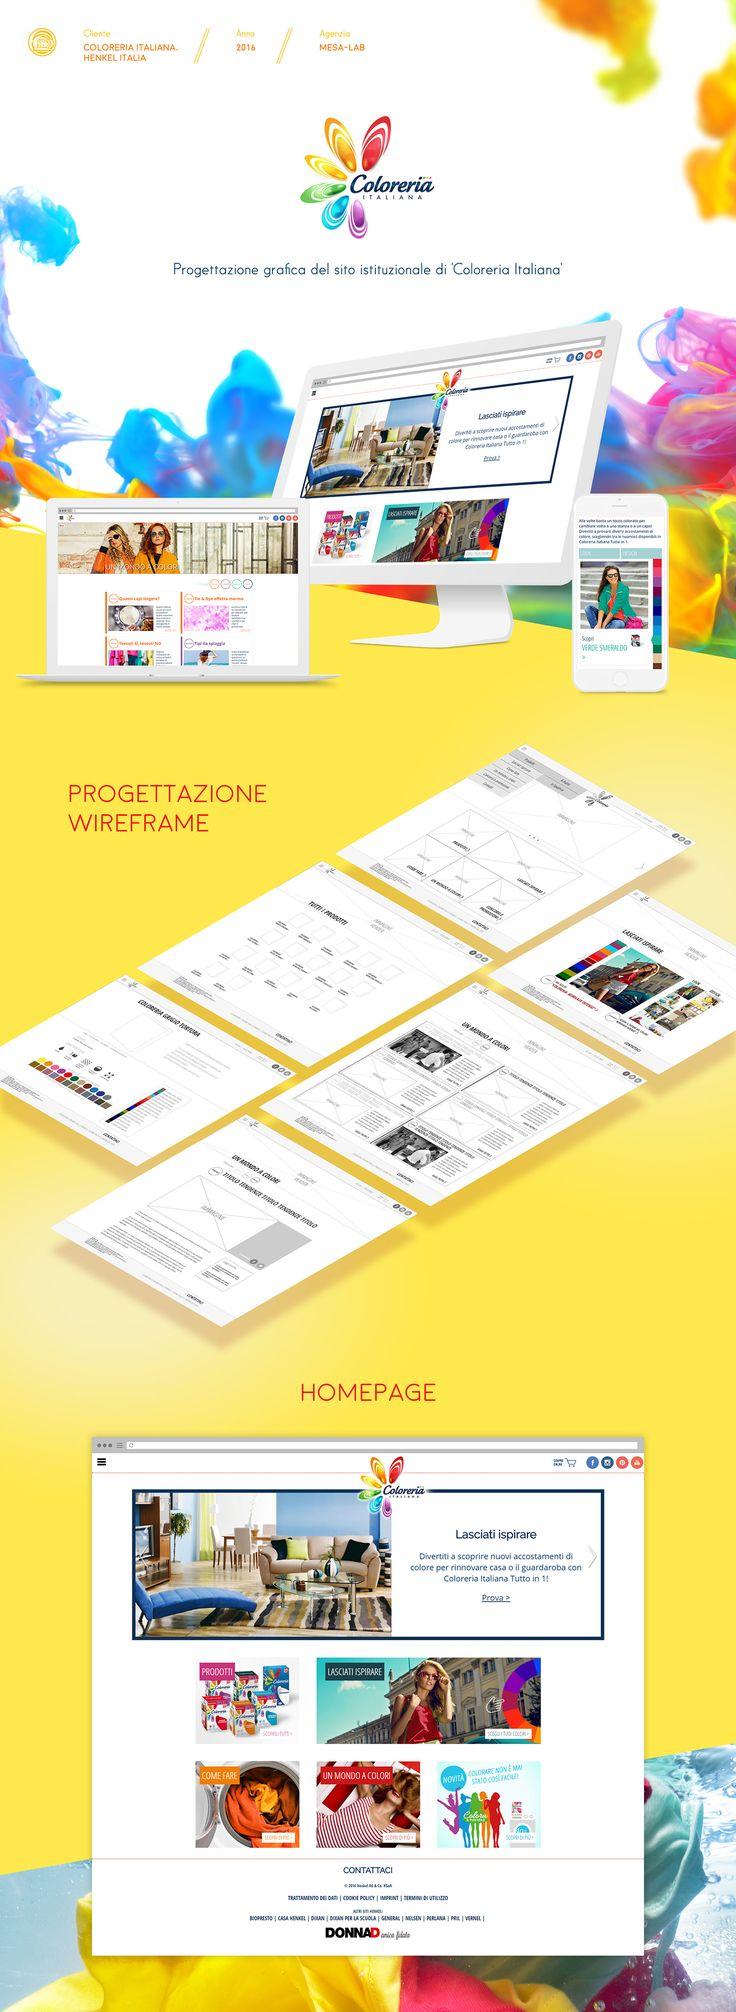 https://www.behance.net/gallery/37929161/Coloreria-Italiana-2016-sito-ufficiale  Coloreria Italiana 2016 - sito ufficiale on Behance